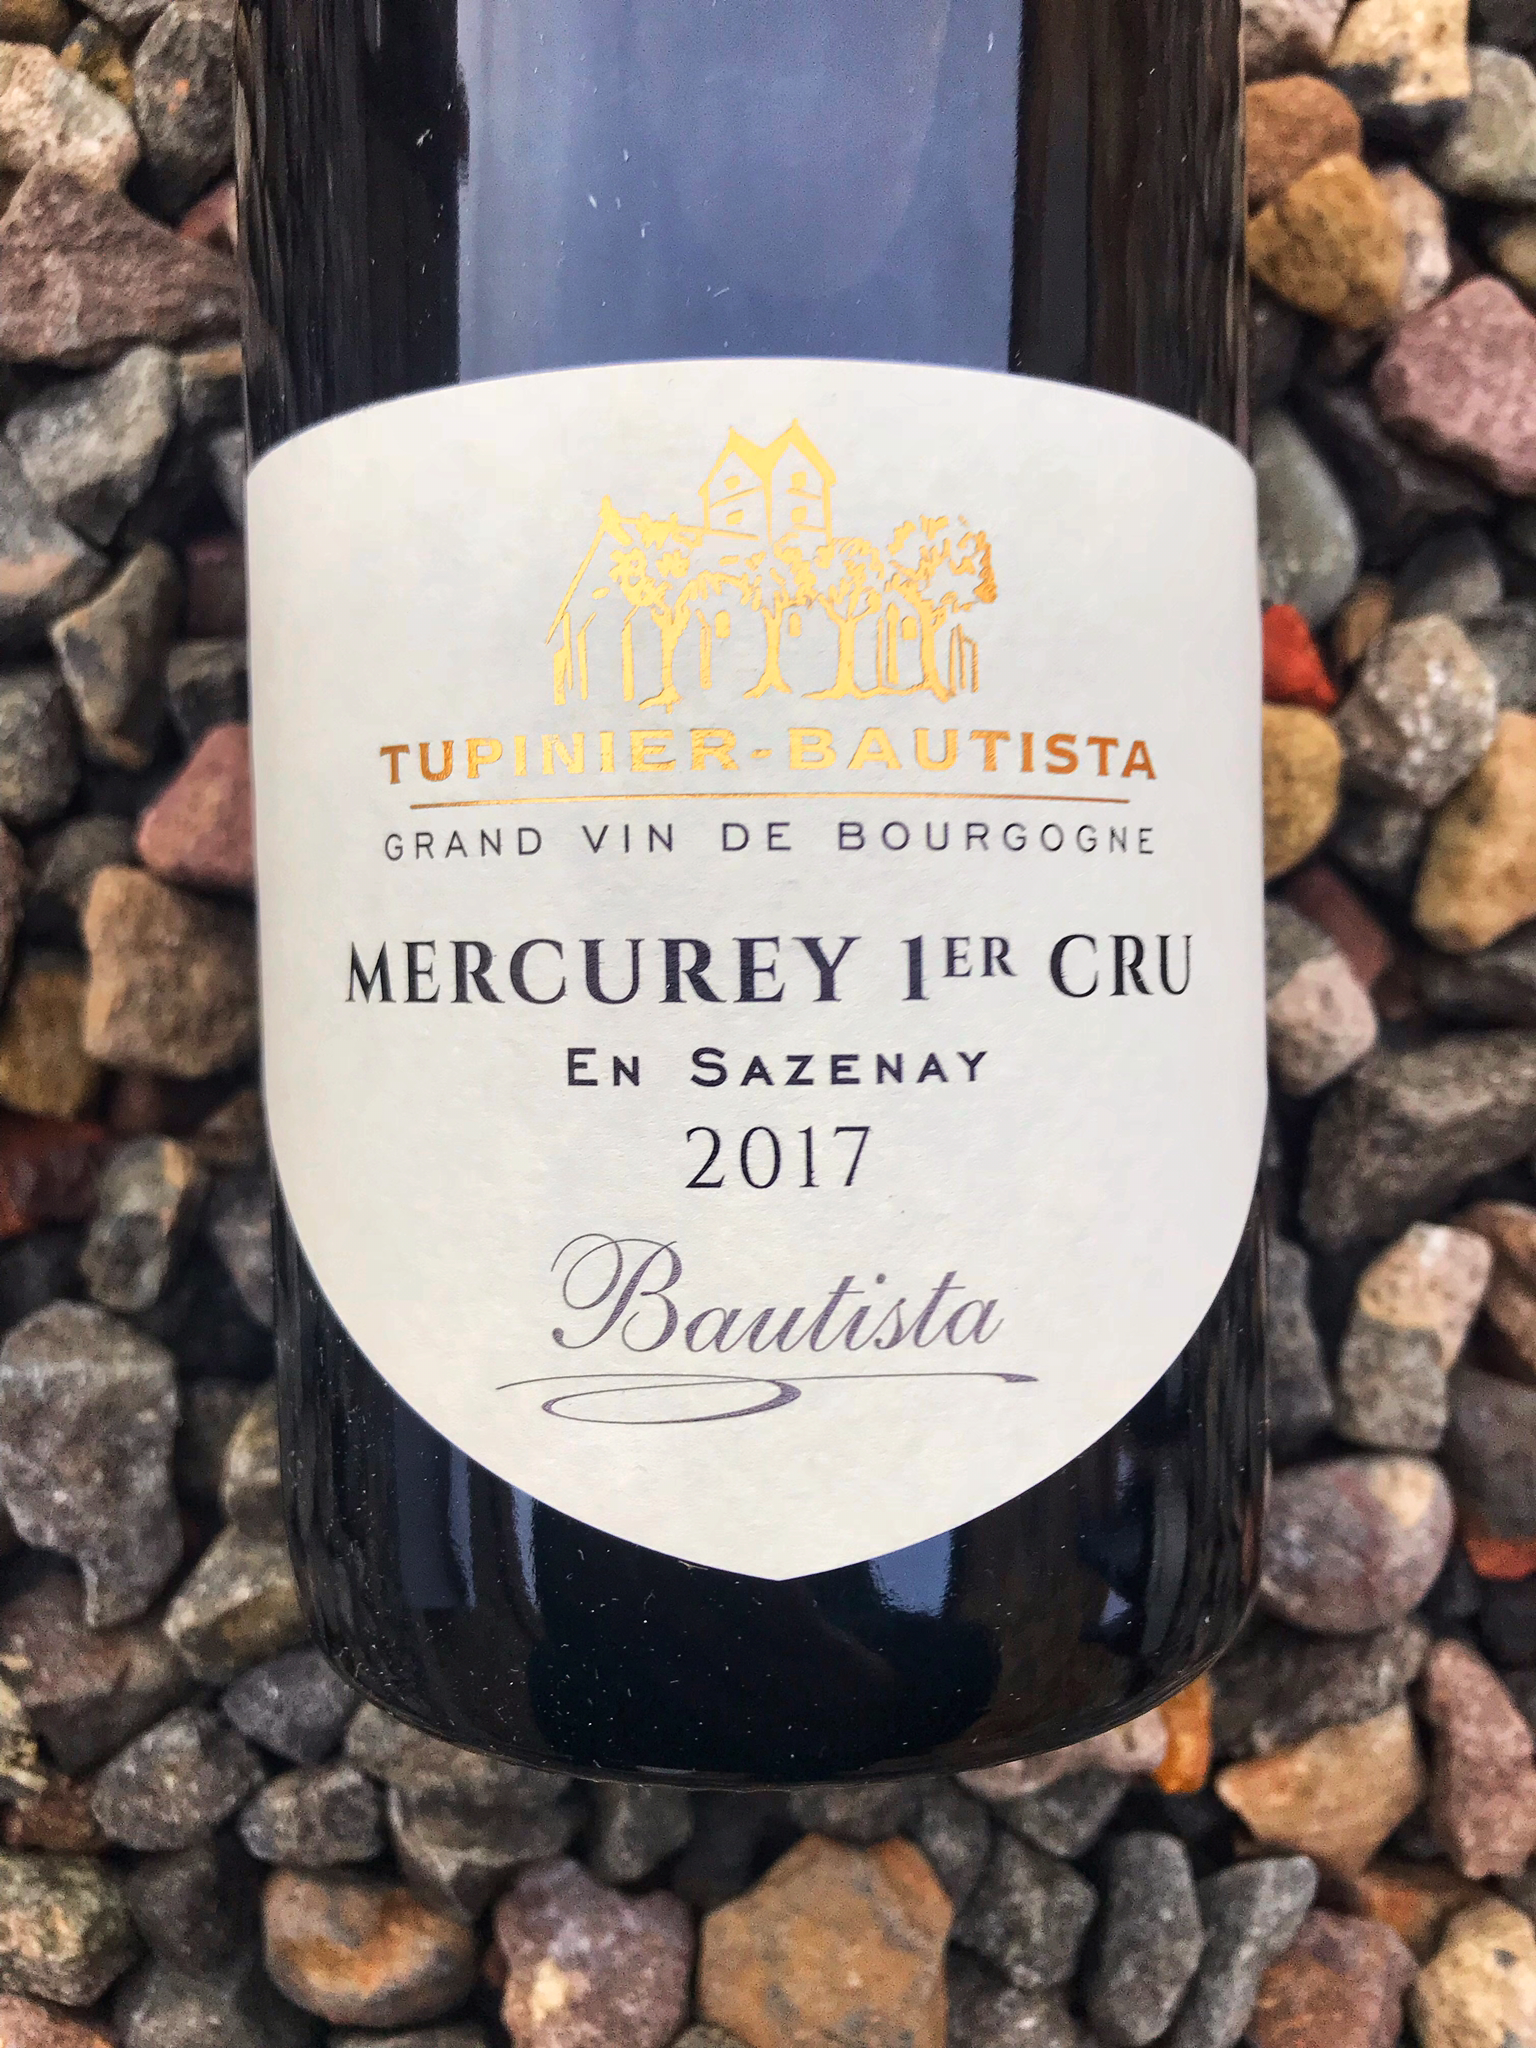 Mercurey 1er Cru 'En Sazenay' Tupinier Bautista 2017 00221